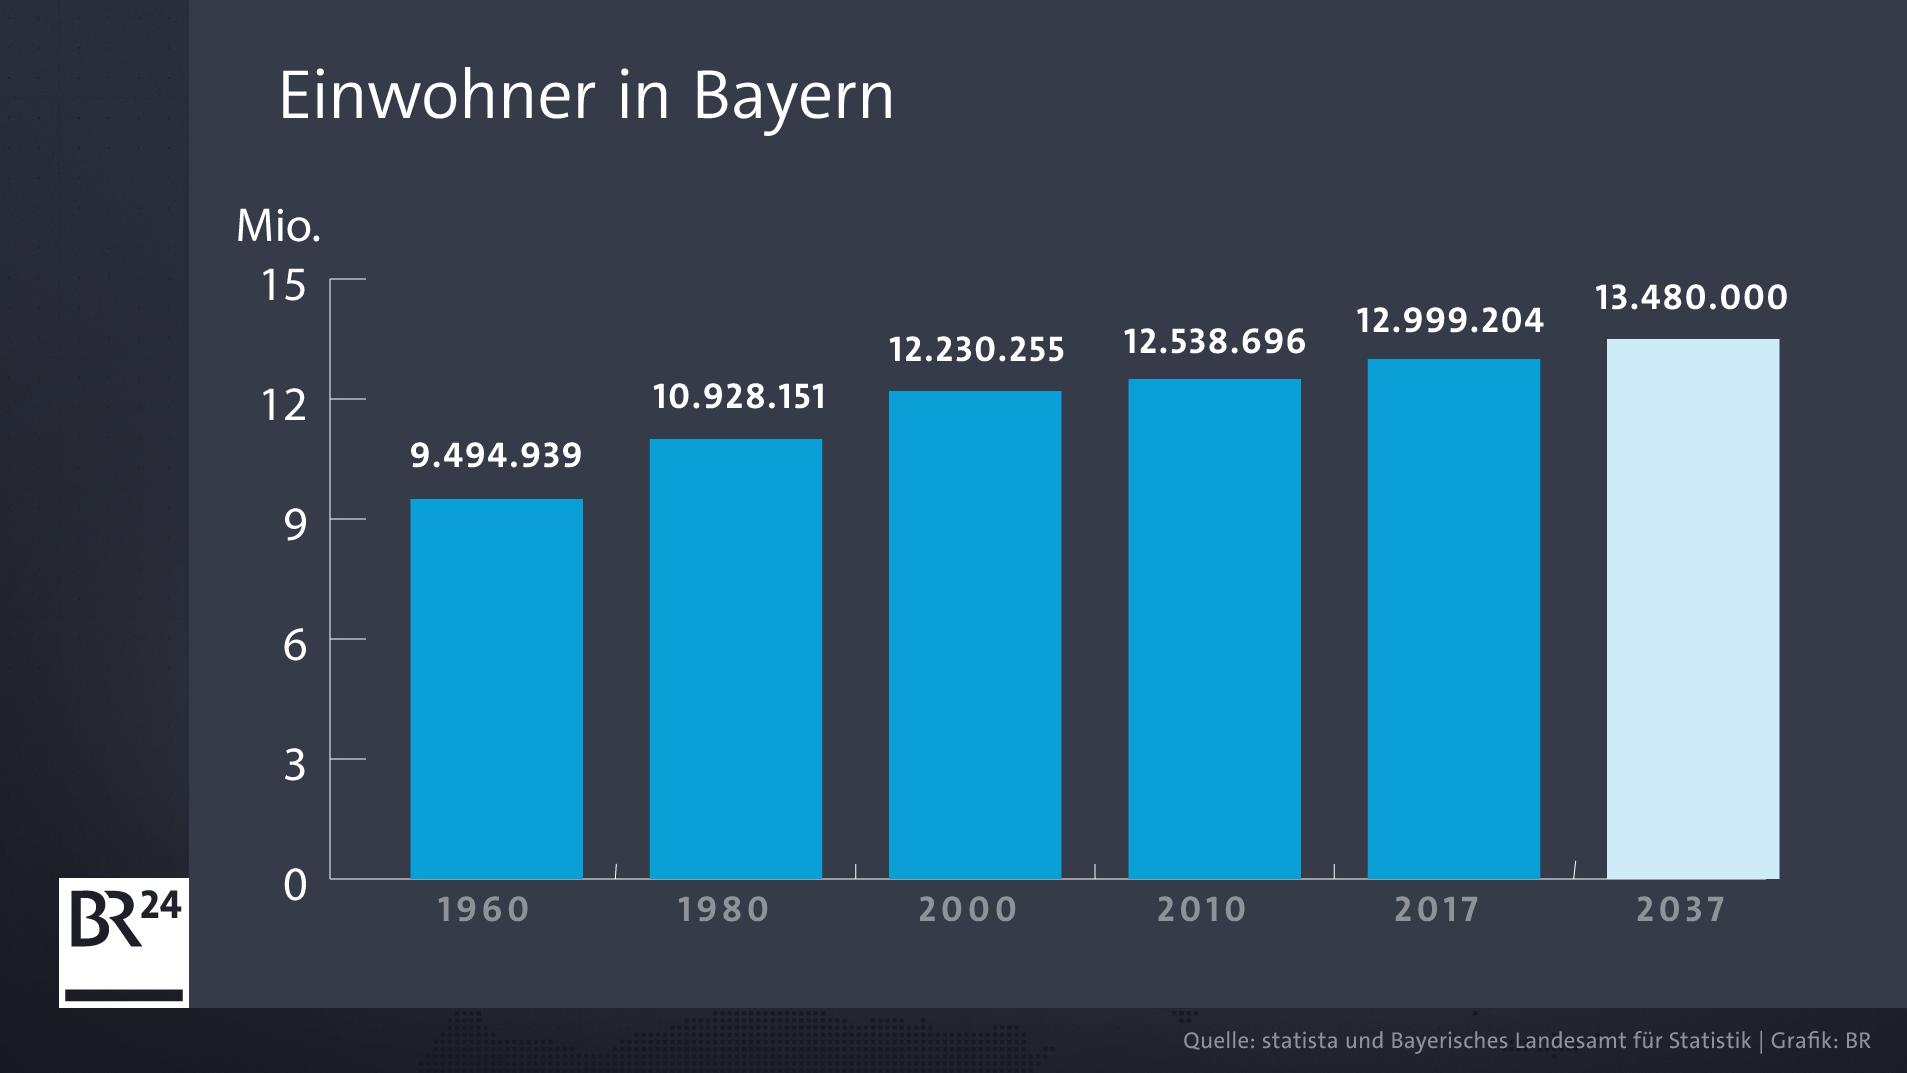 Infografik: Einwohnerentwicklung im Freistaat Bayern von 1960 bis 2037 (Prognose).